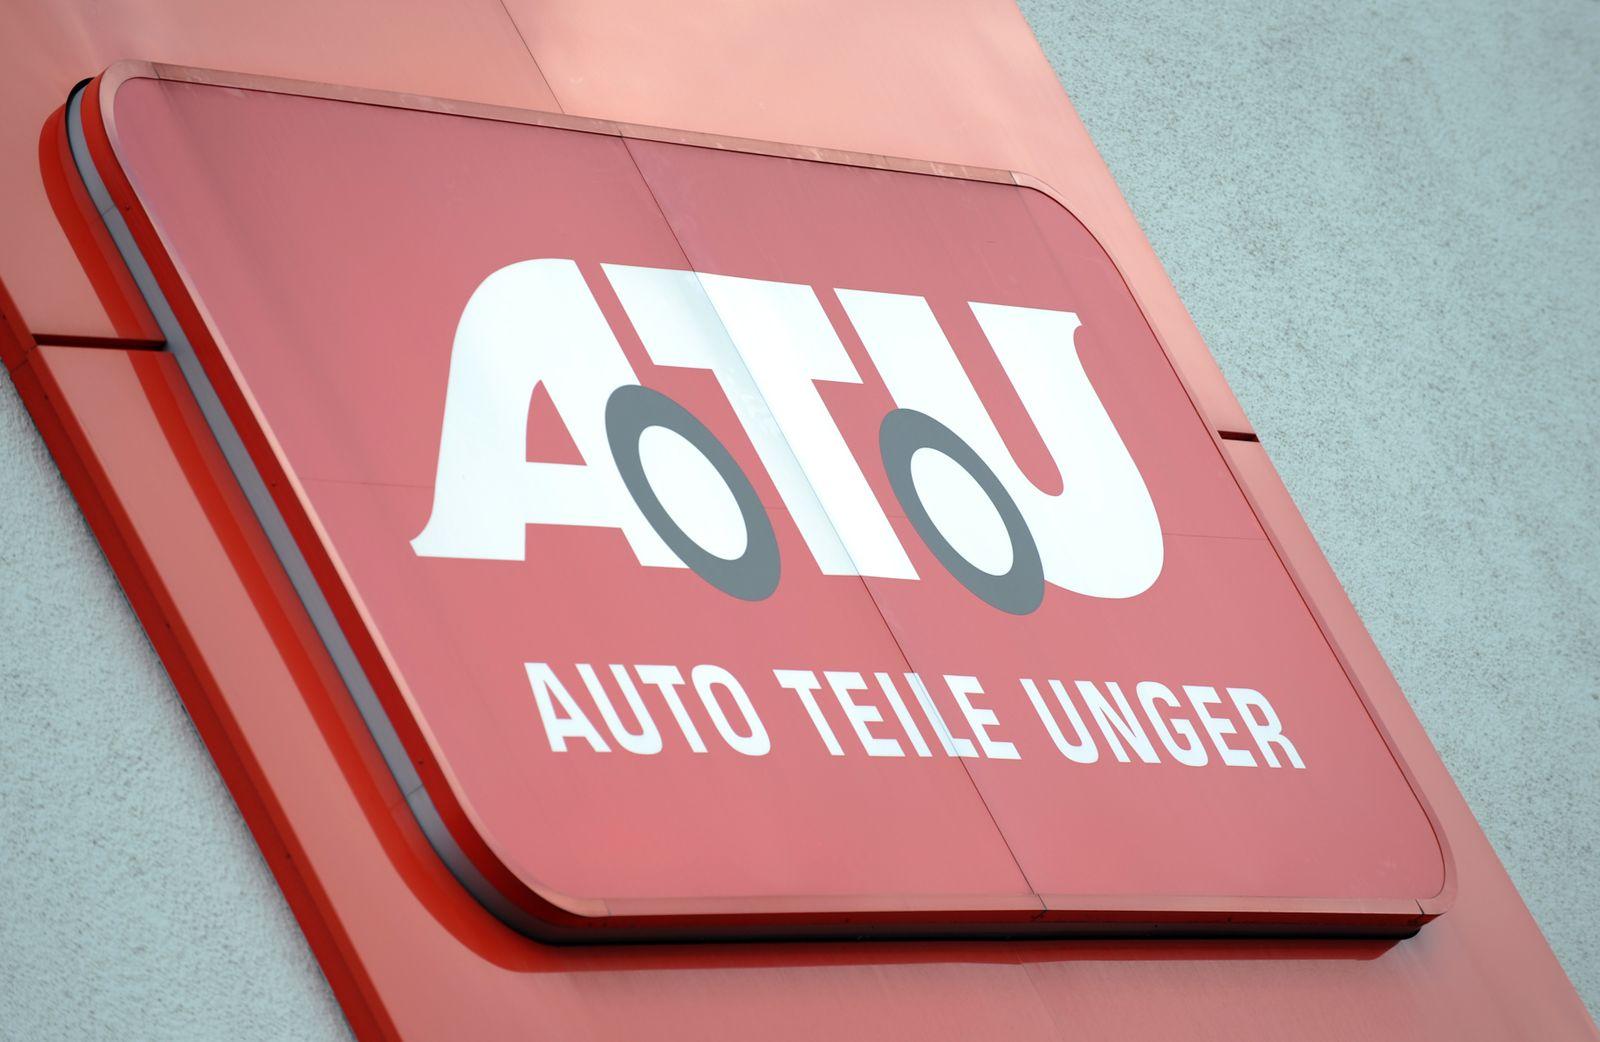 ATU / Autoteile Unger